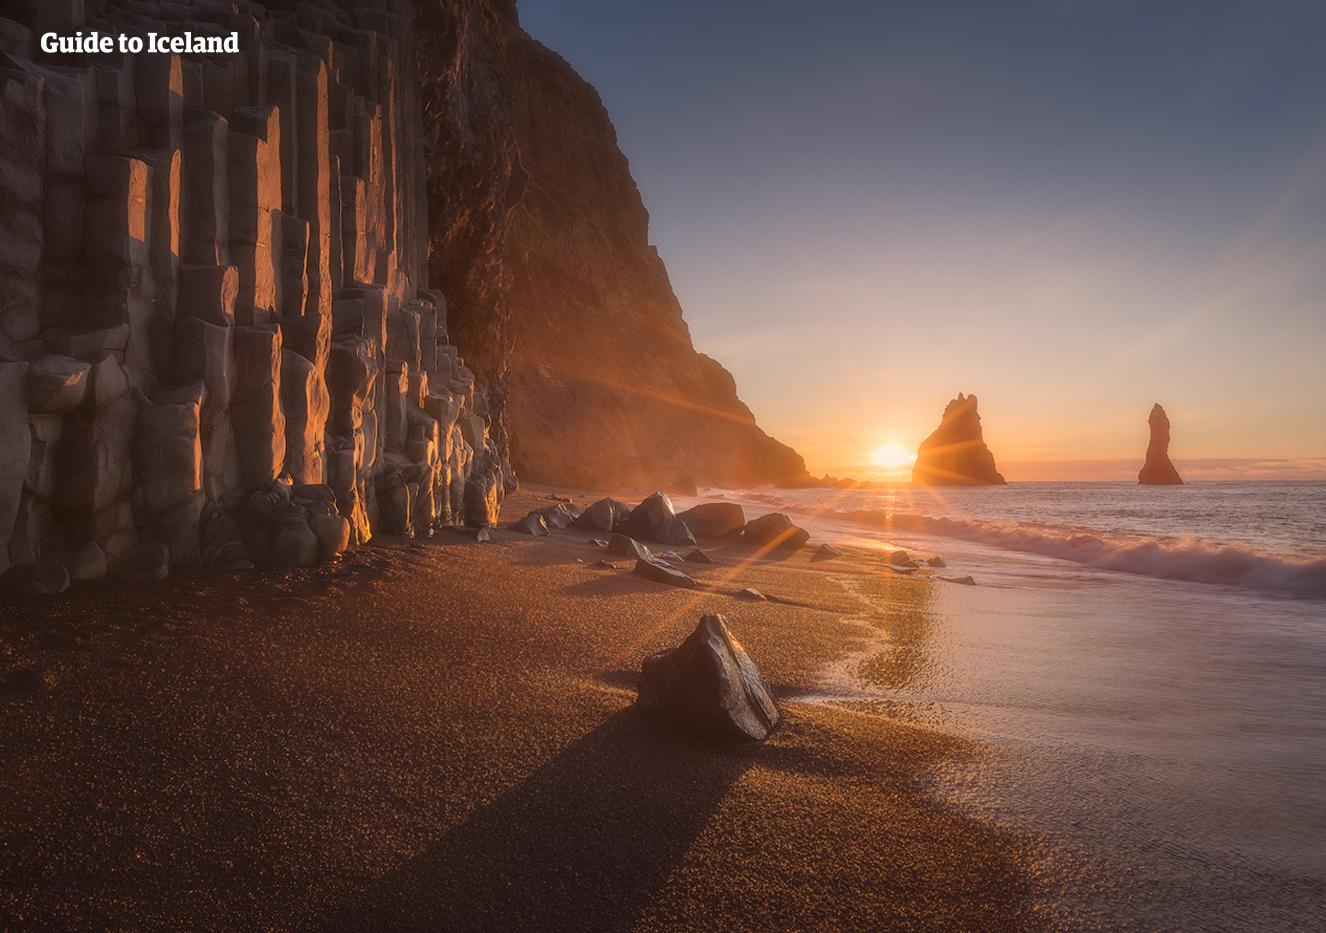 冰岛南岸的雷尼斯黑沙滩是冰岛最为著名的景点之一。